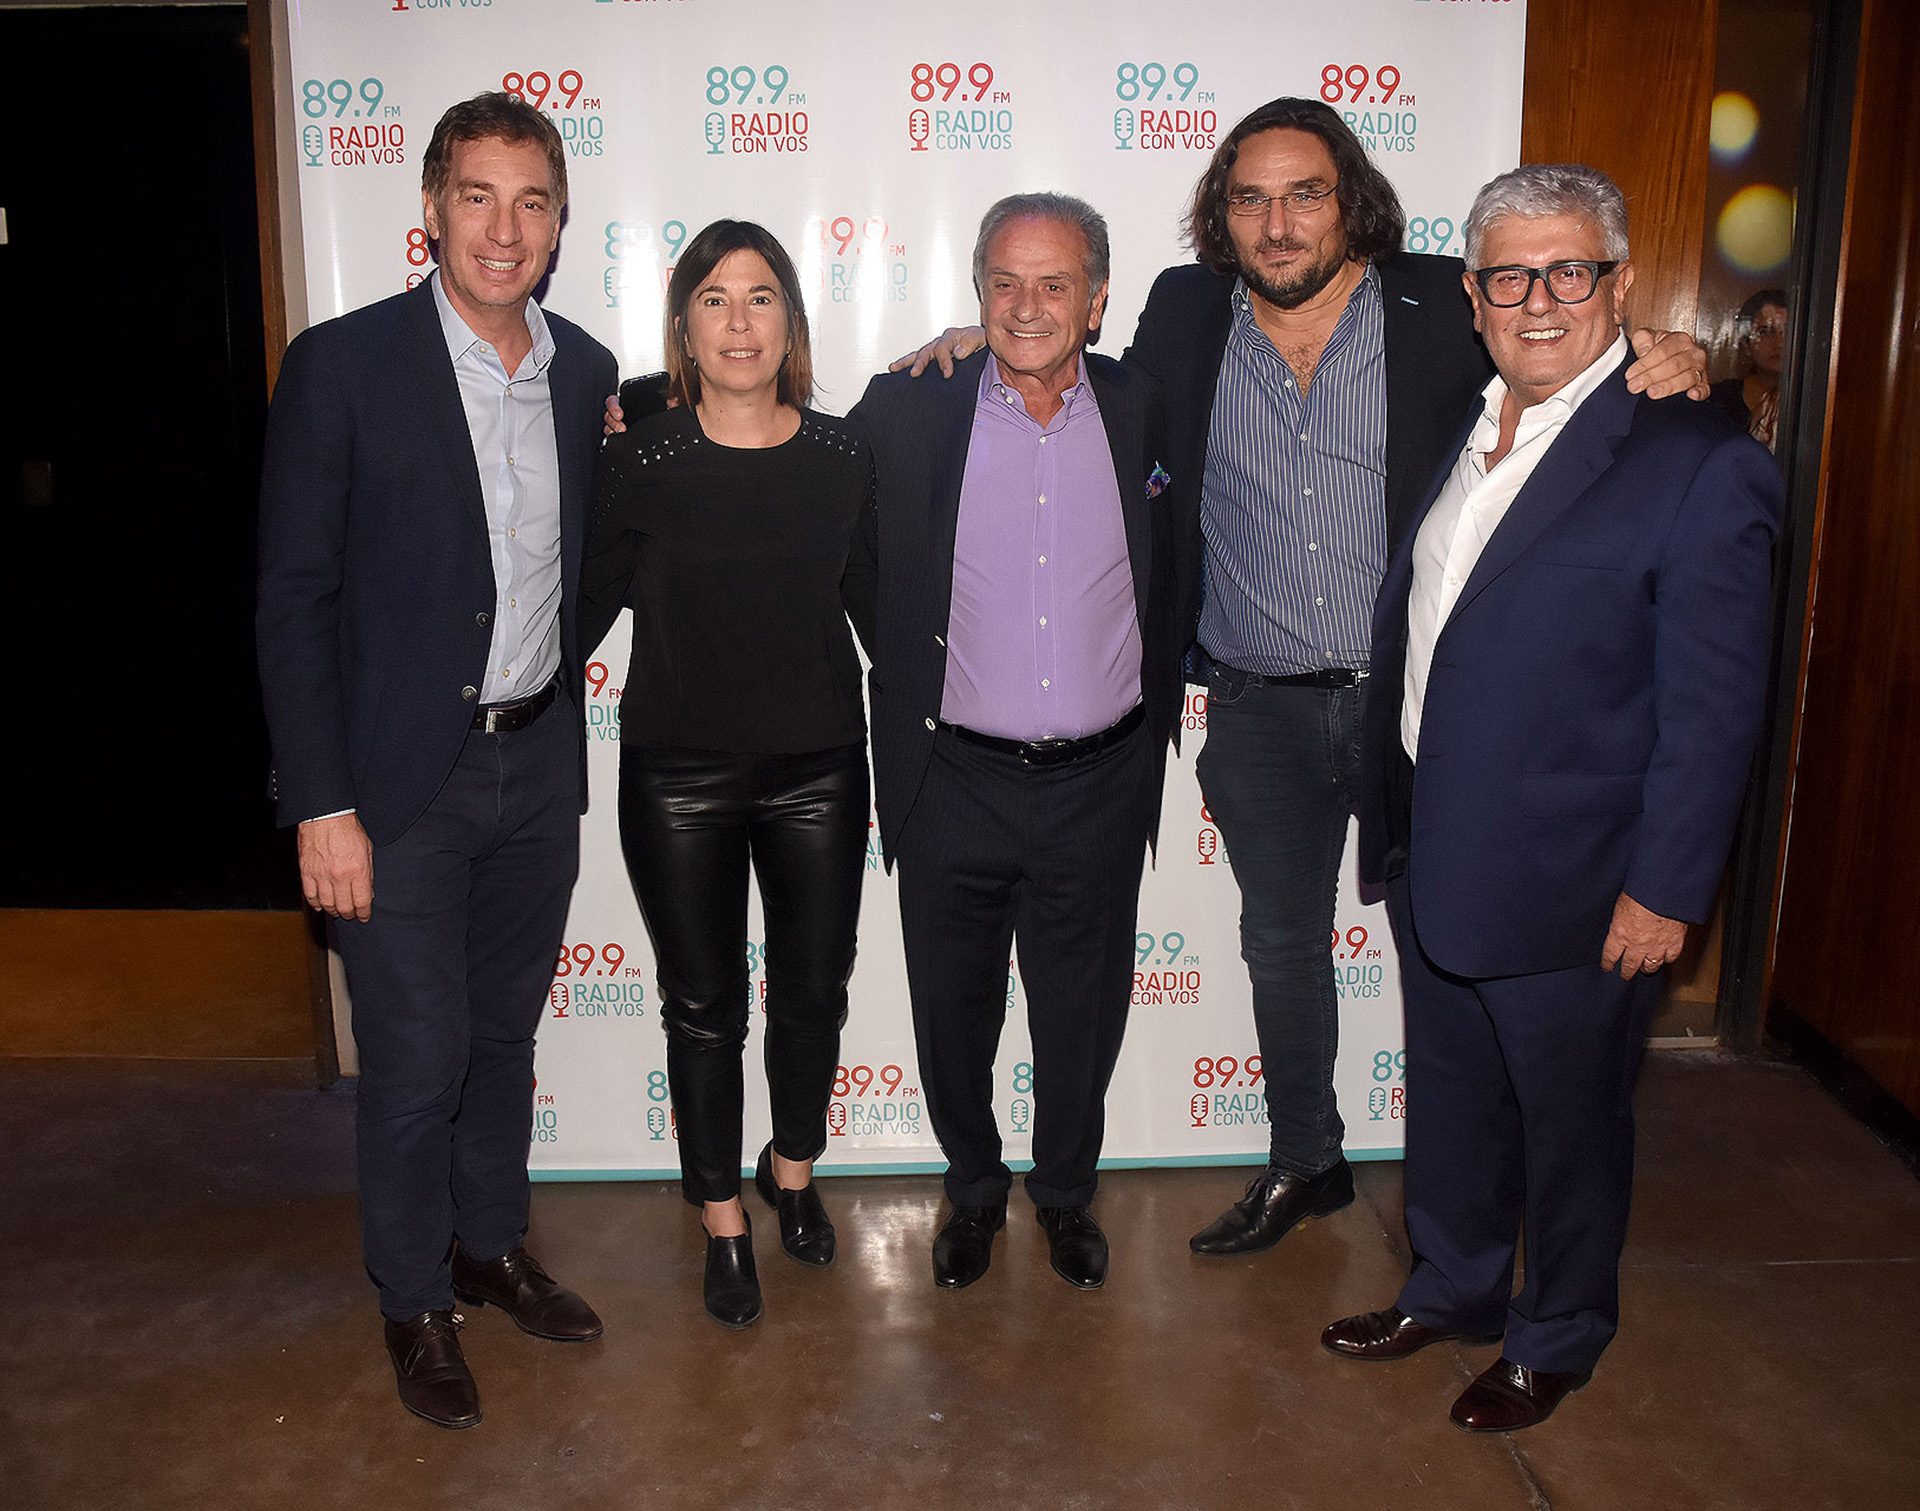 Diego Santilli, vicejefe de Gobierno porteño, María O'Donnell, Beto Vijnovsky, Martín Kweller y Carlos Gorosito